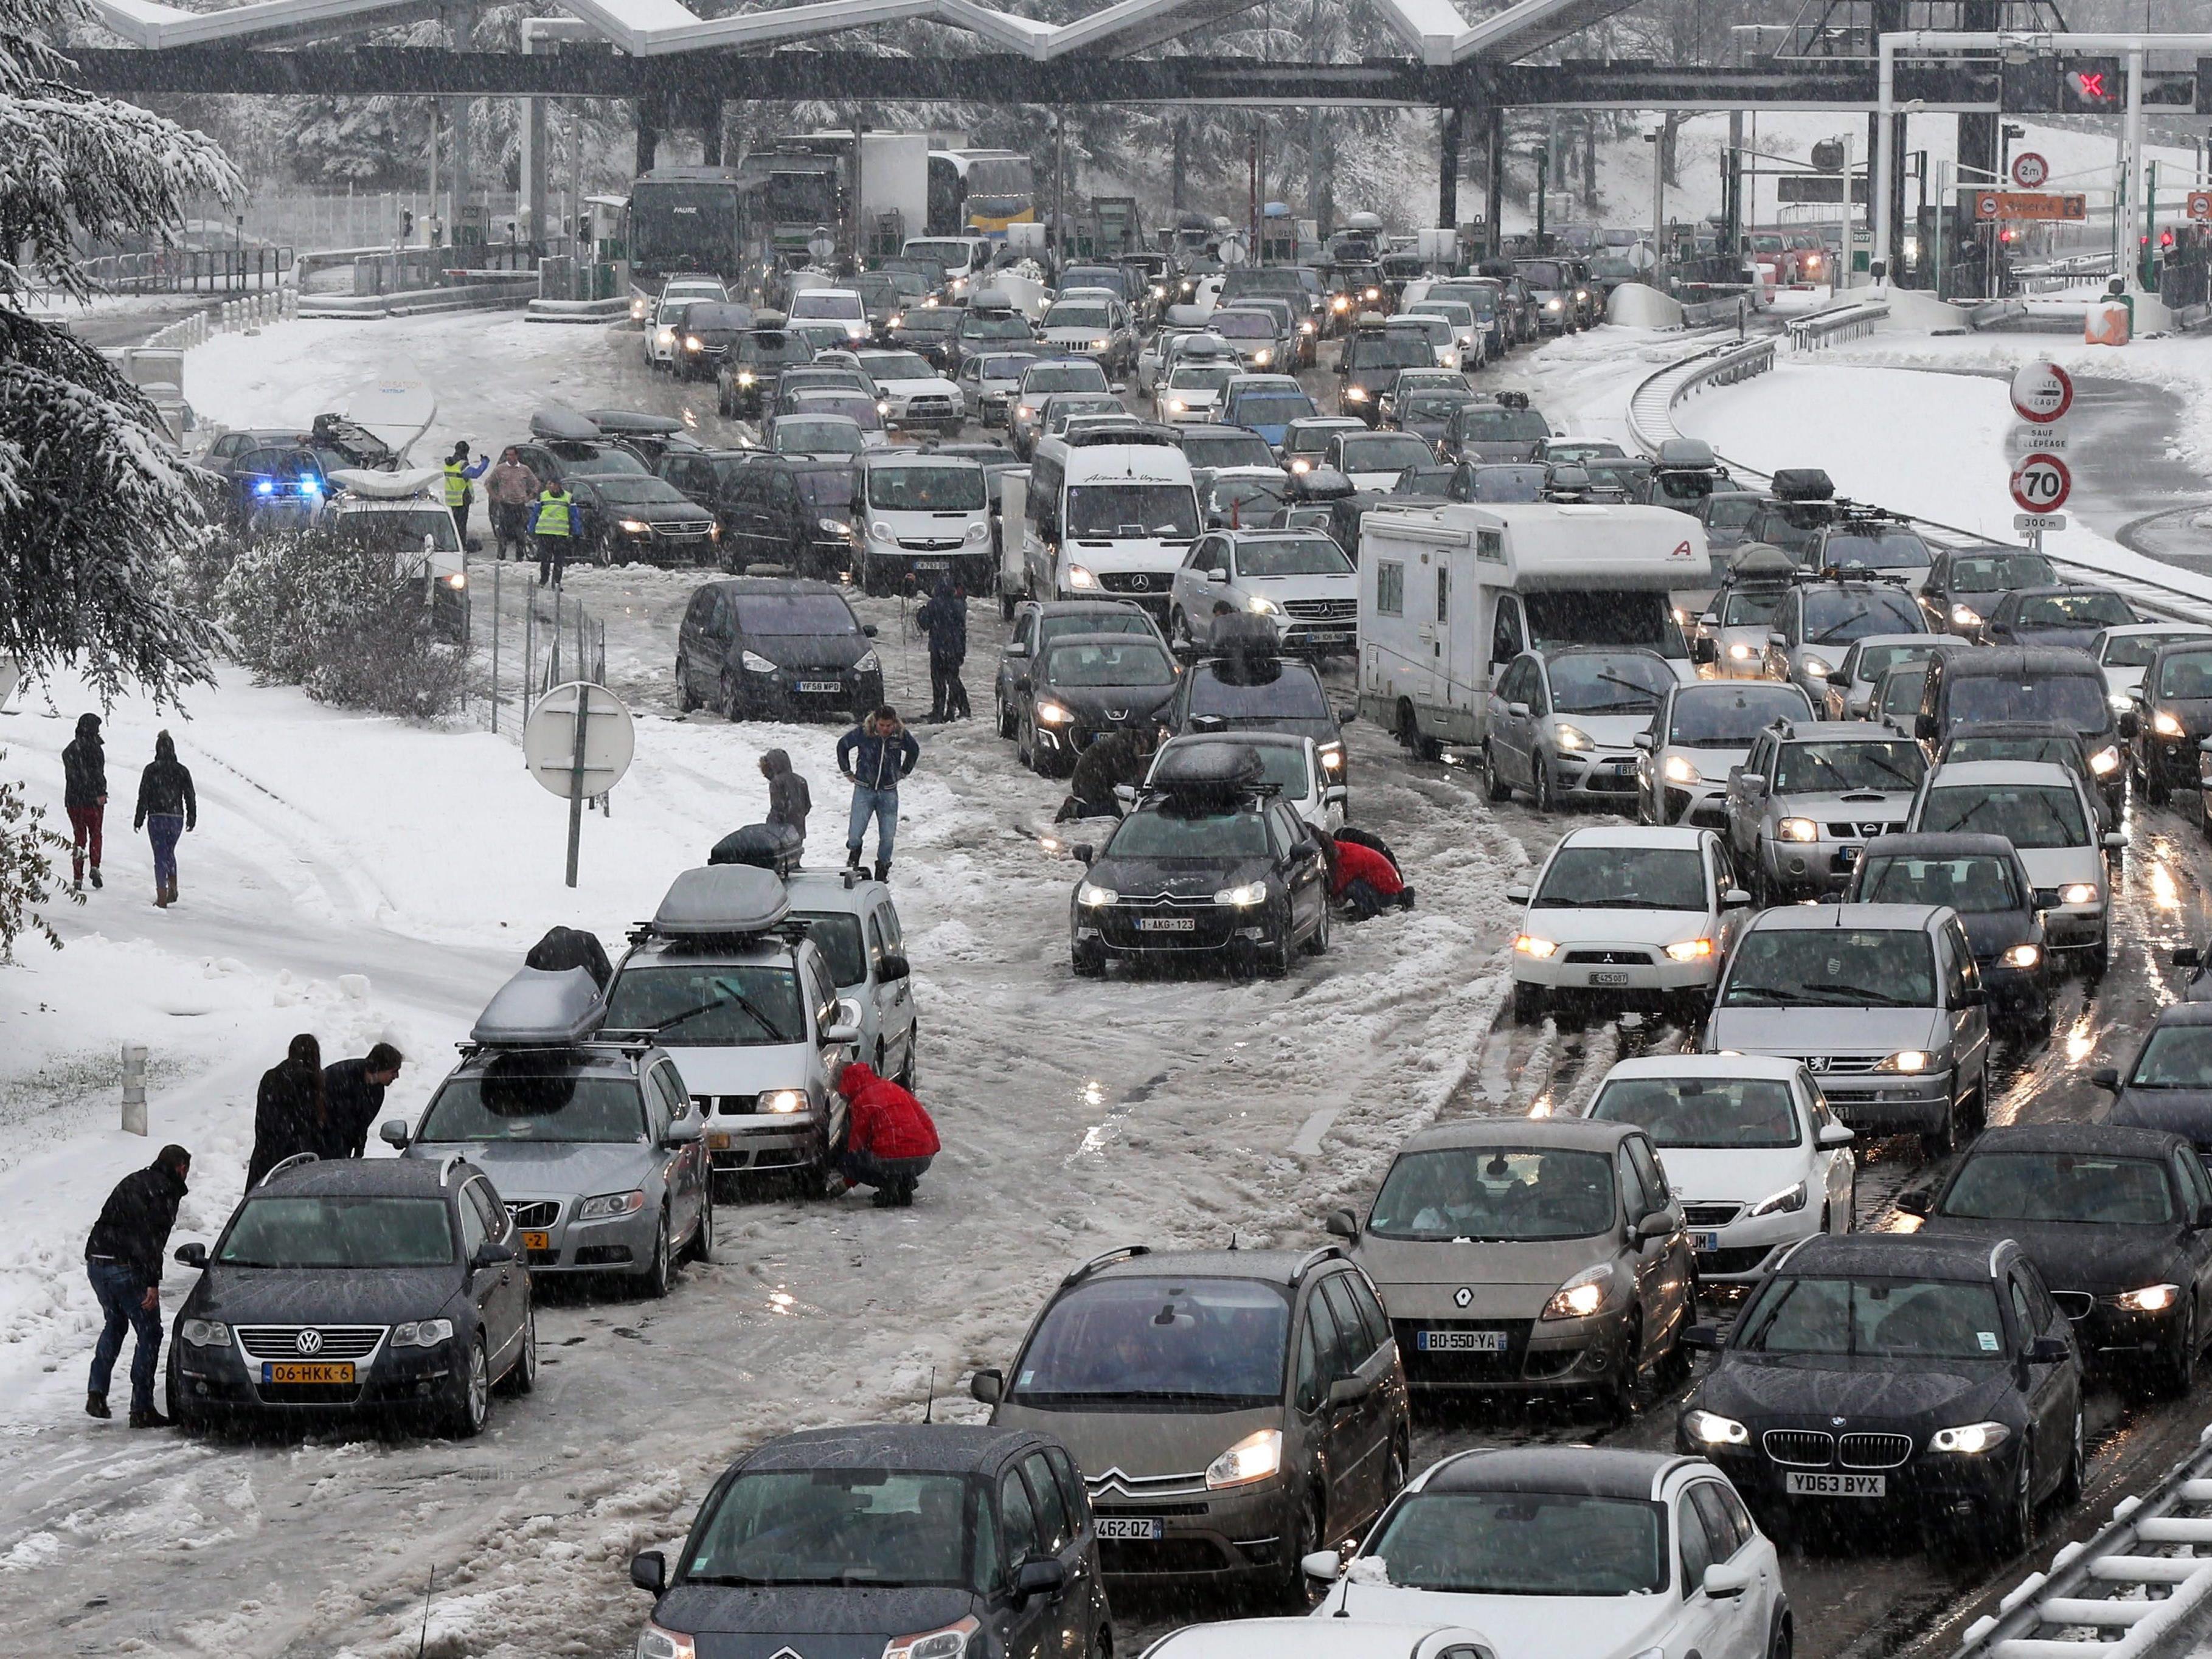 15.000 Urlauber saßen nach den starken Schneefällen in Frankreich fest.